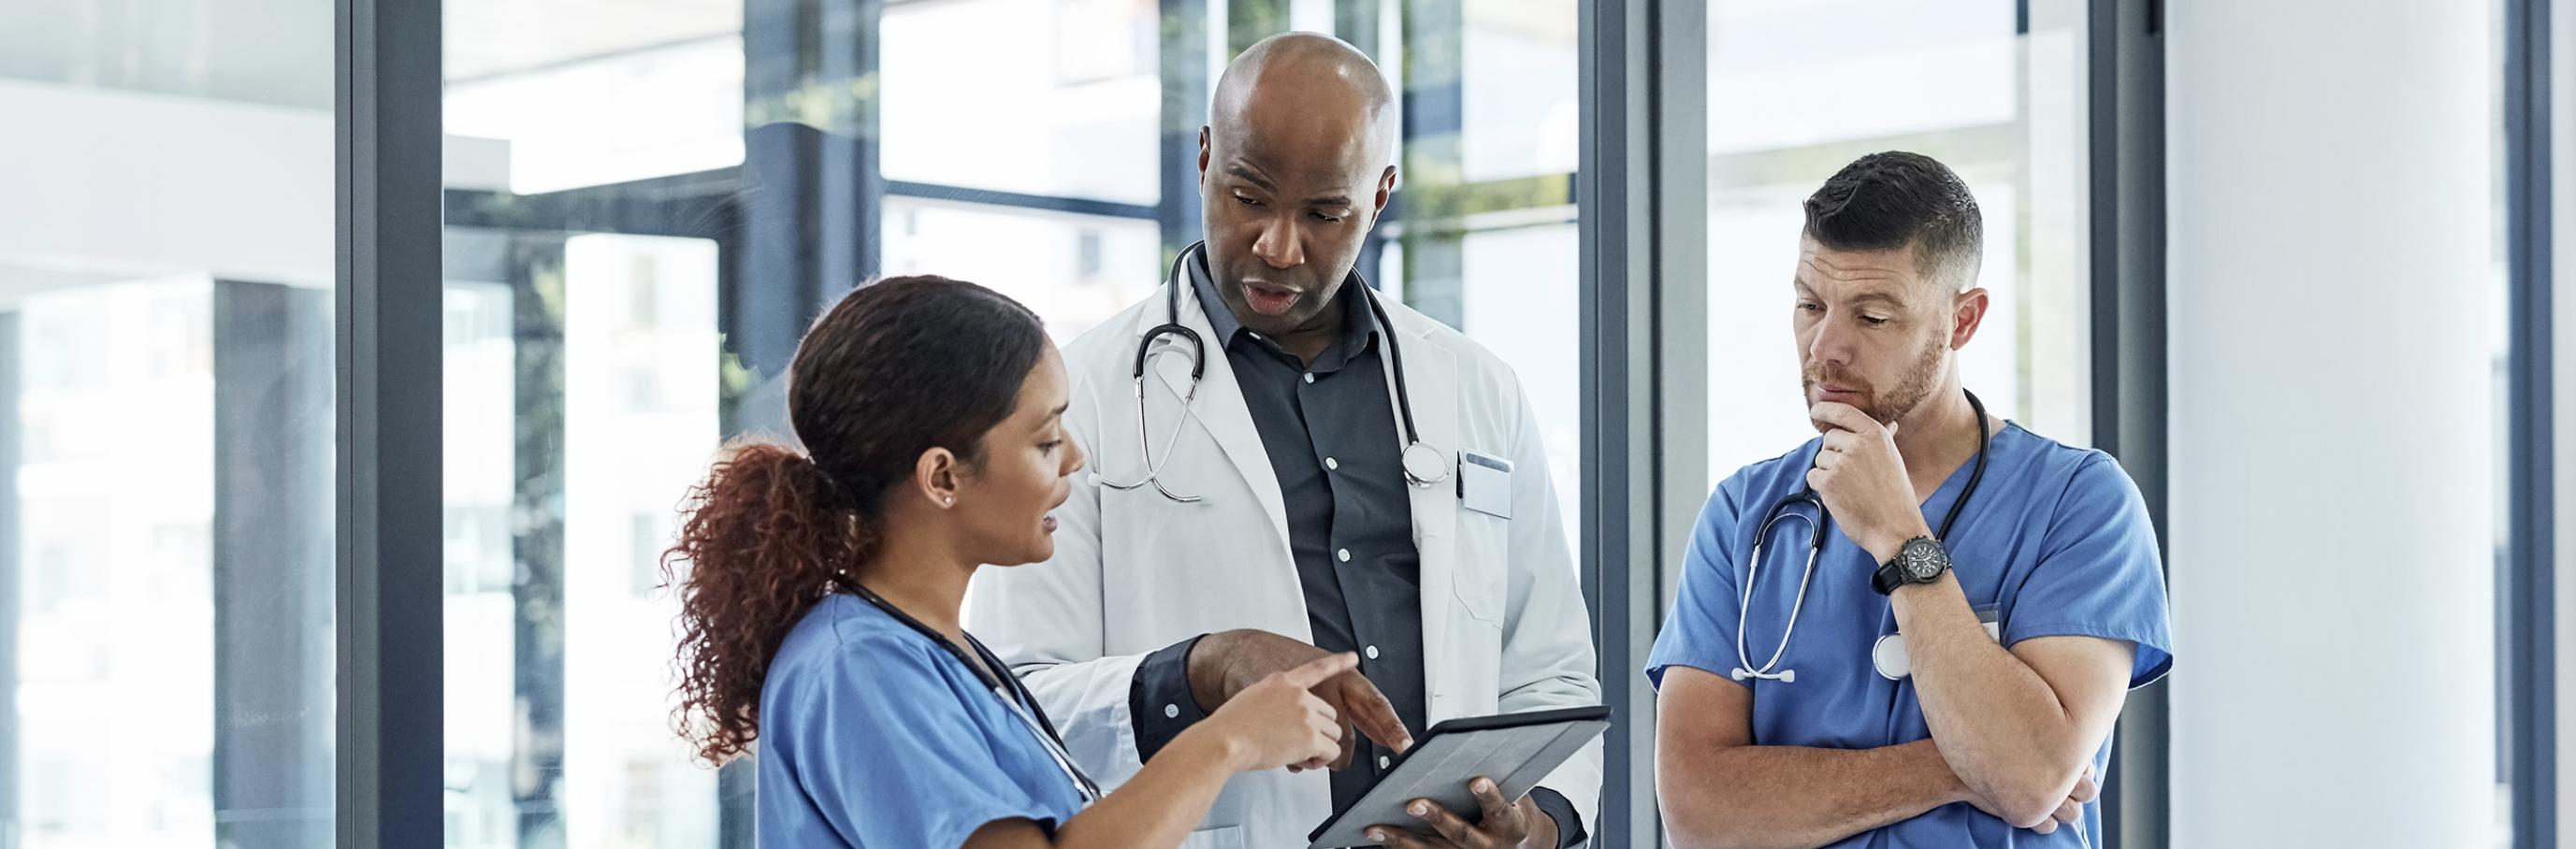 Engaged Medical Staff Image